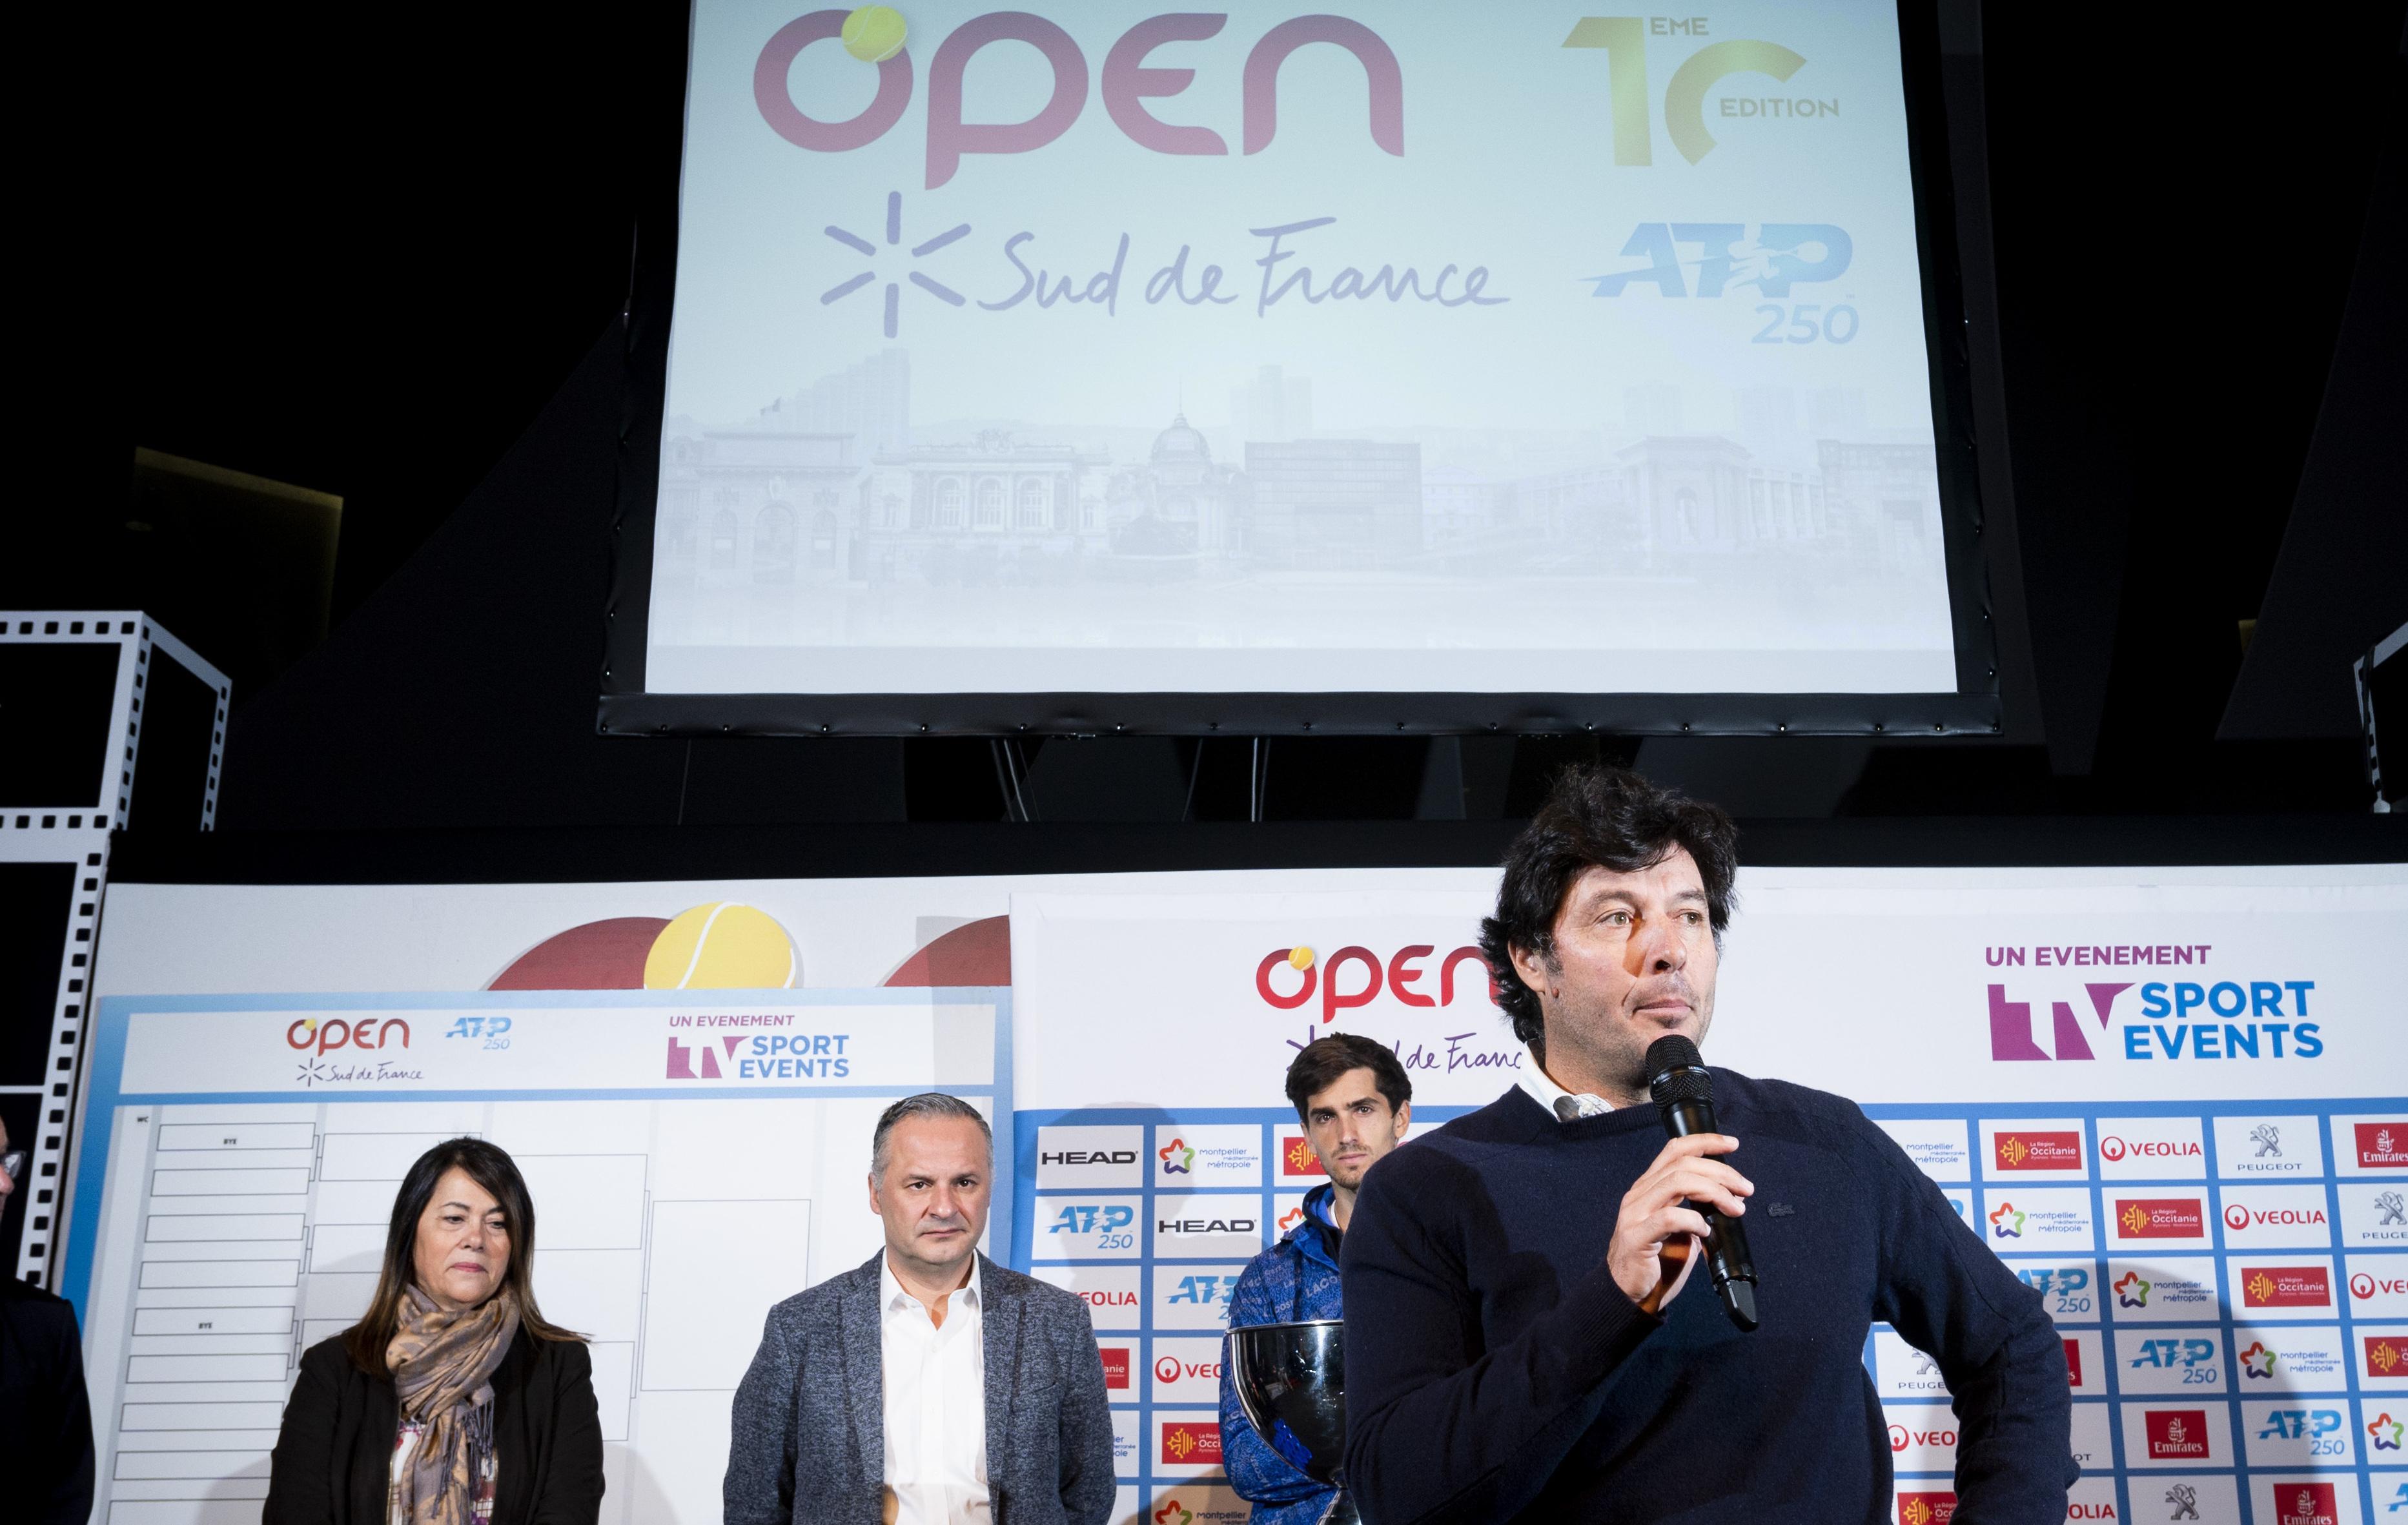 Tennis - ATP - Open Sud de France: Comment Grosjean a fait face à l'hécatombe